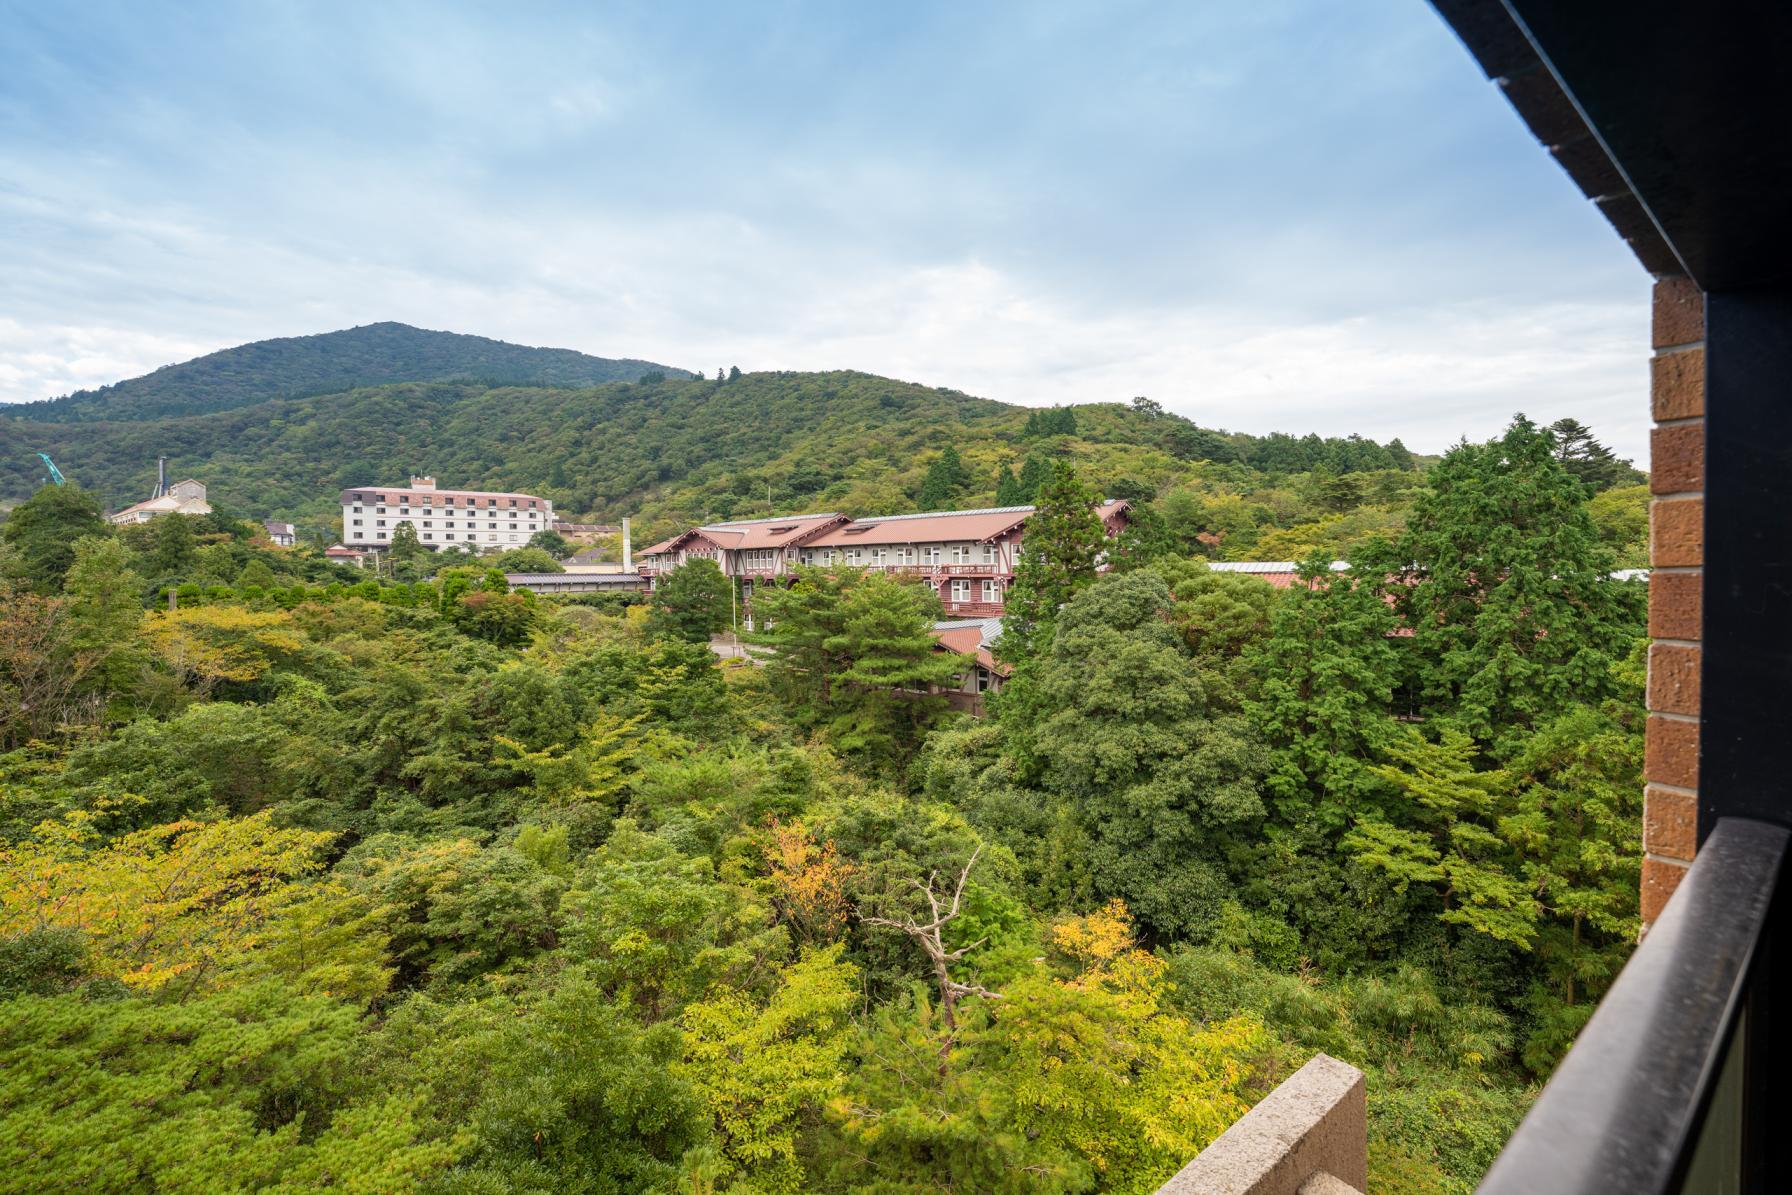 雲仙温泉を堪能できる温泉旅館で「ととのう」体験を!-3